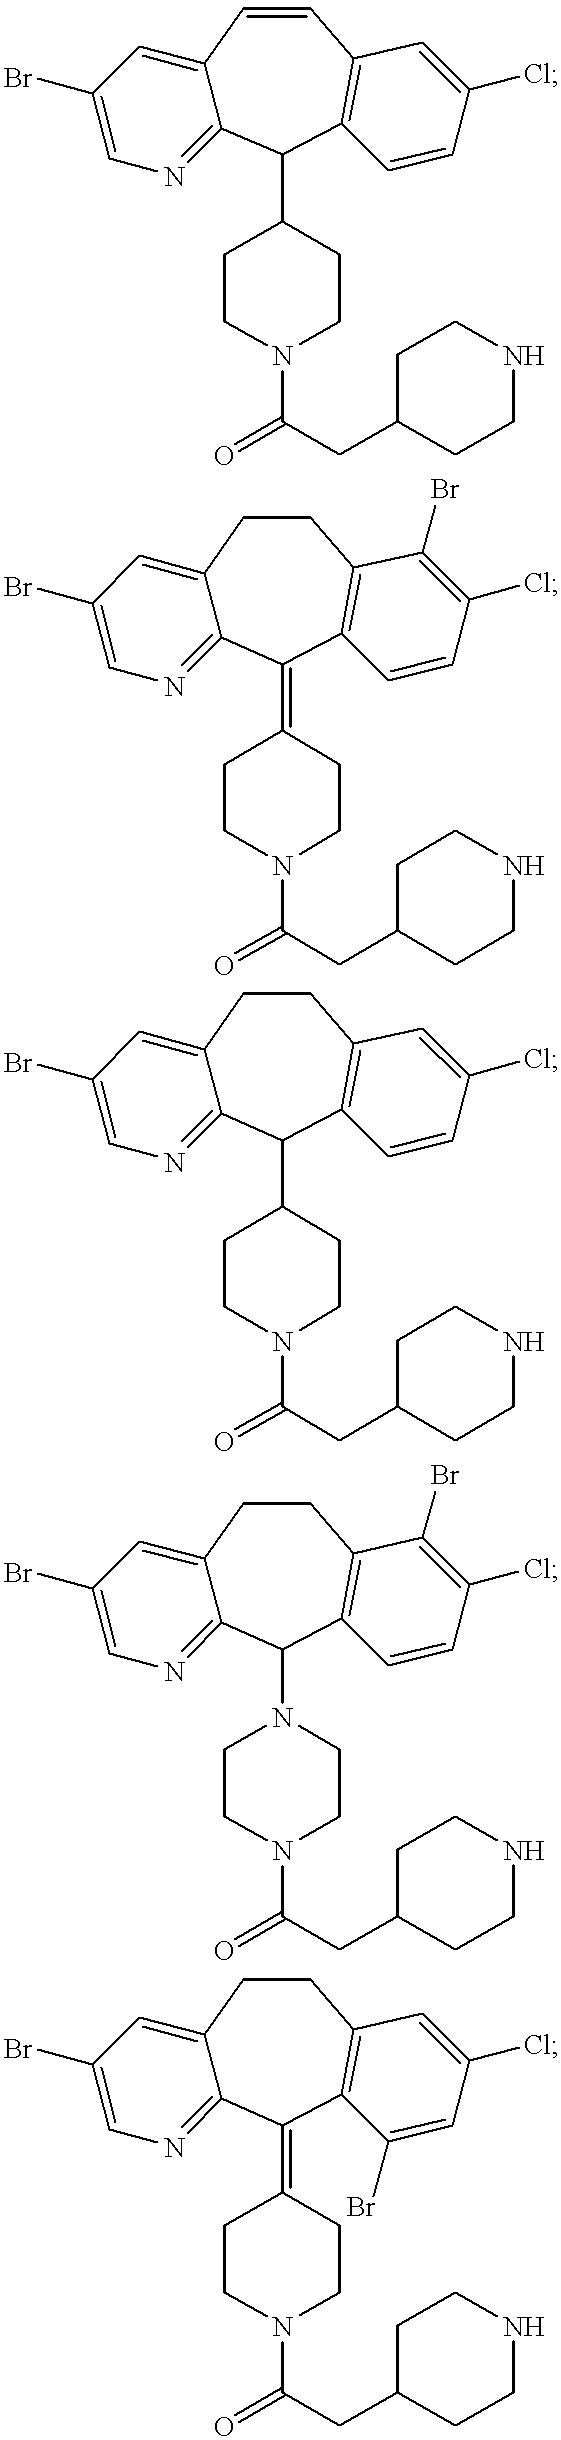 Figure US06387905-20020514-C00077